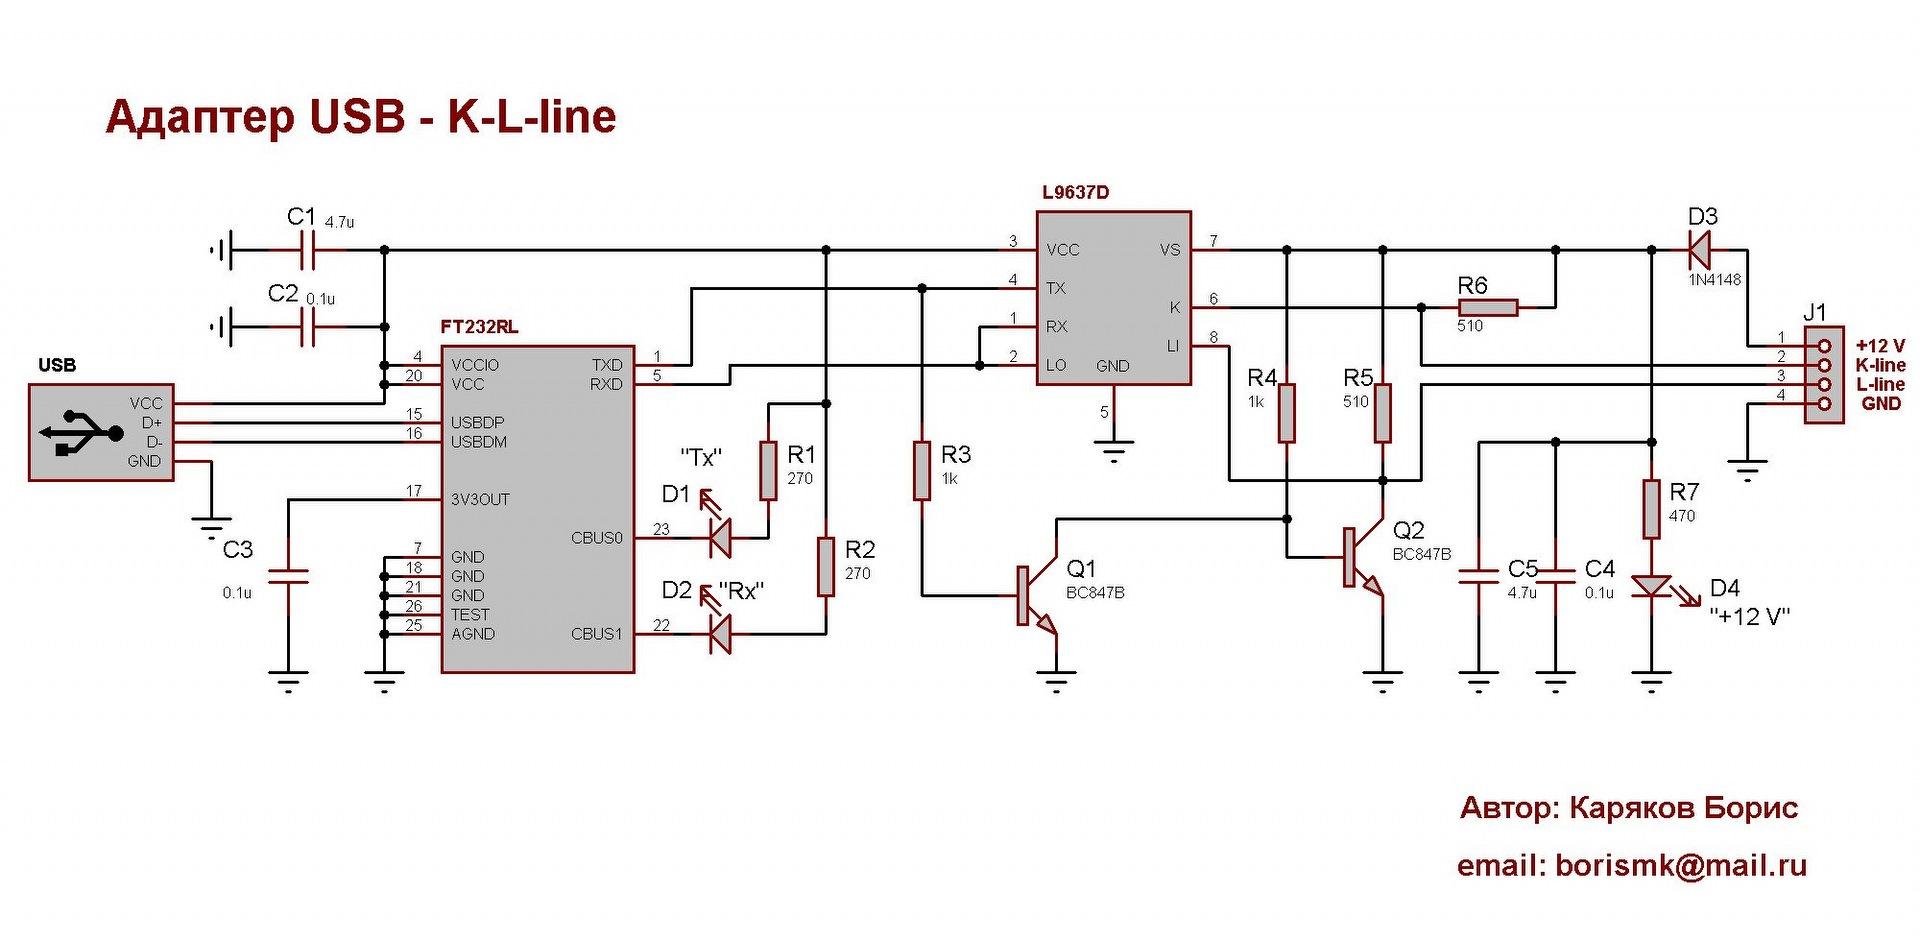 Obd2 k line usb схема